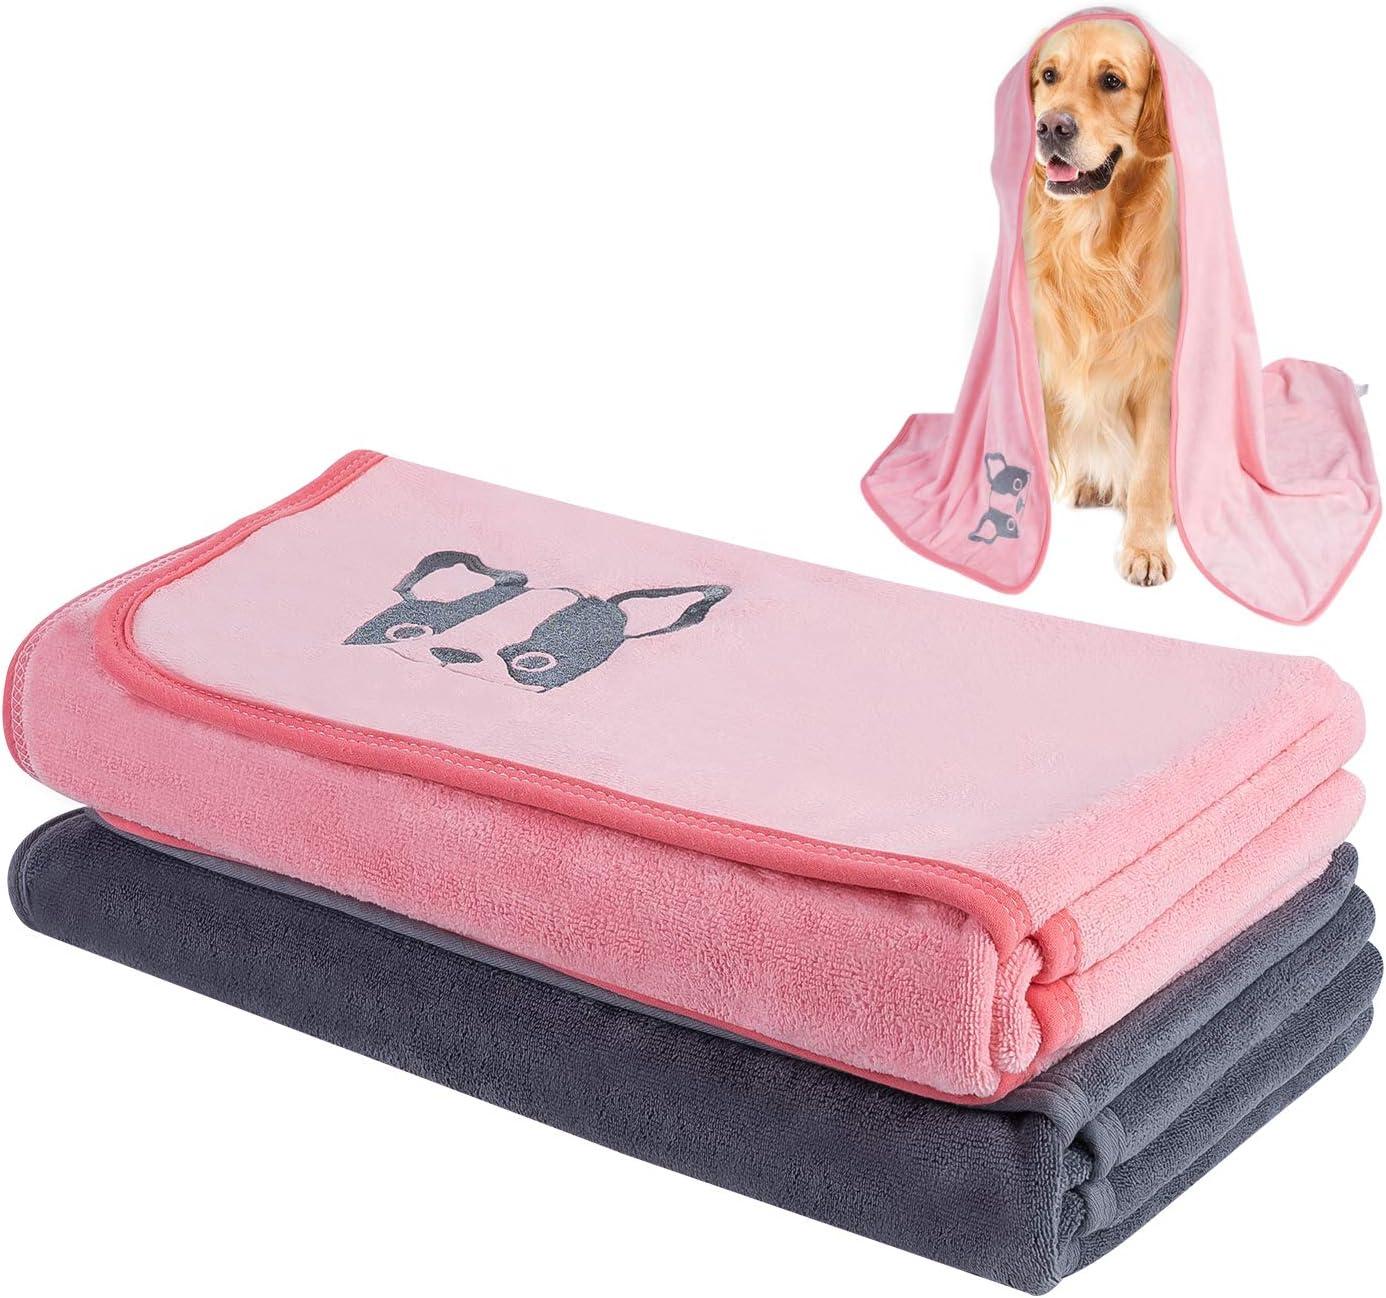 TAIYUNWEI Toallas para Mascotas, 2 Piezas Toalla de Secado Rápido para Perro,Toallas Absorbentes para Mascotas|Toalla de Baño para Mascotas|Secado Rápido, Suaves y Cómodas (140x70cm)